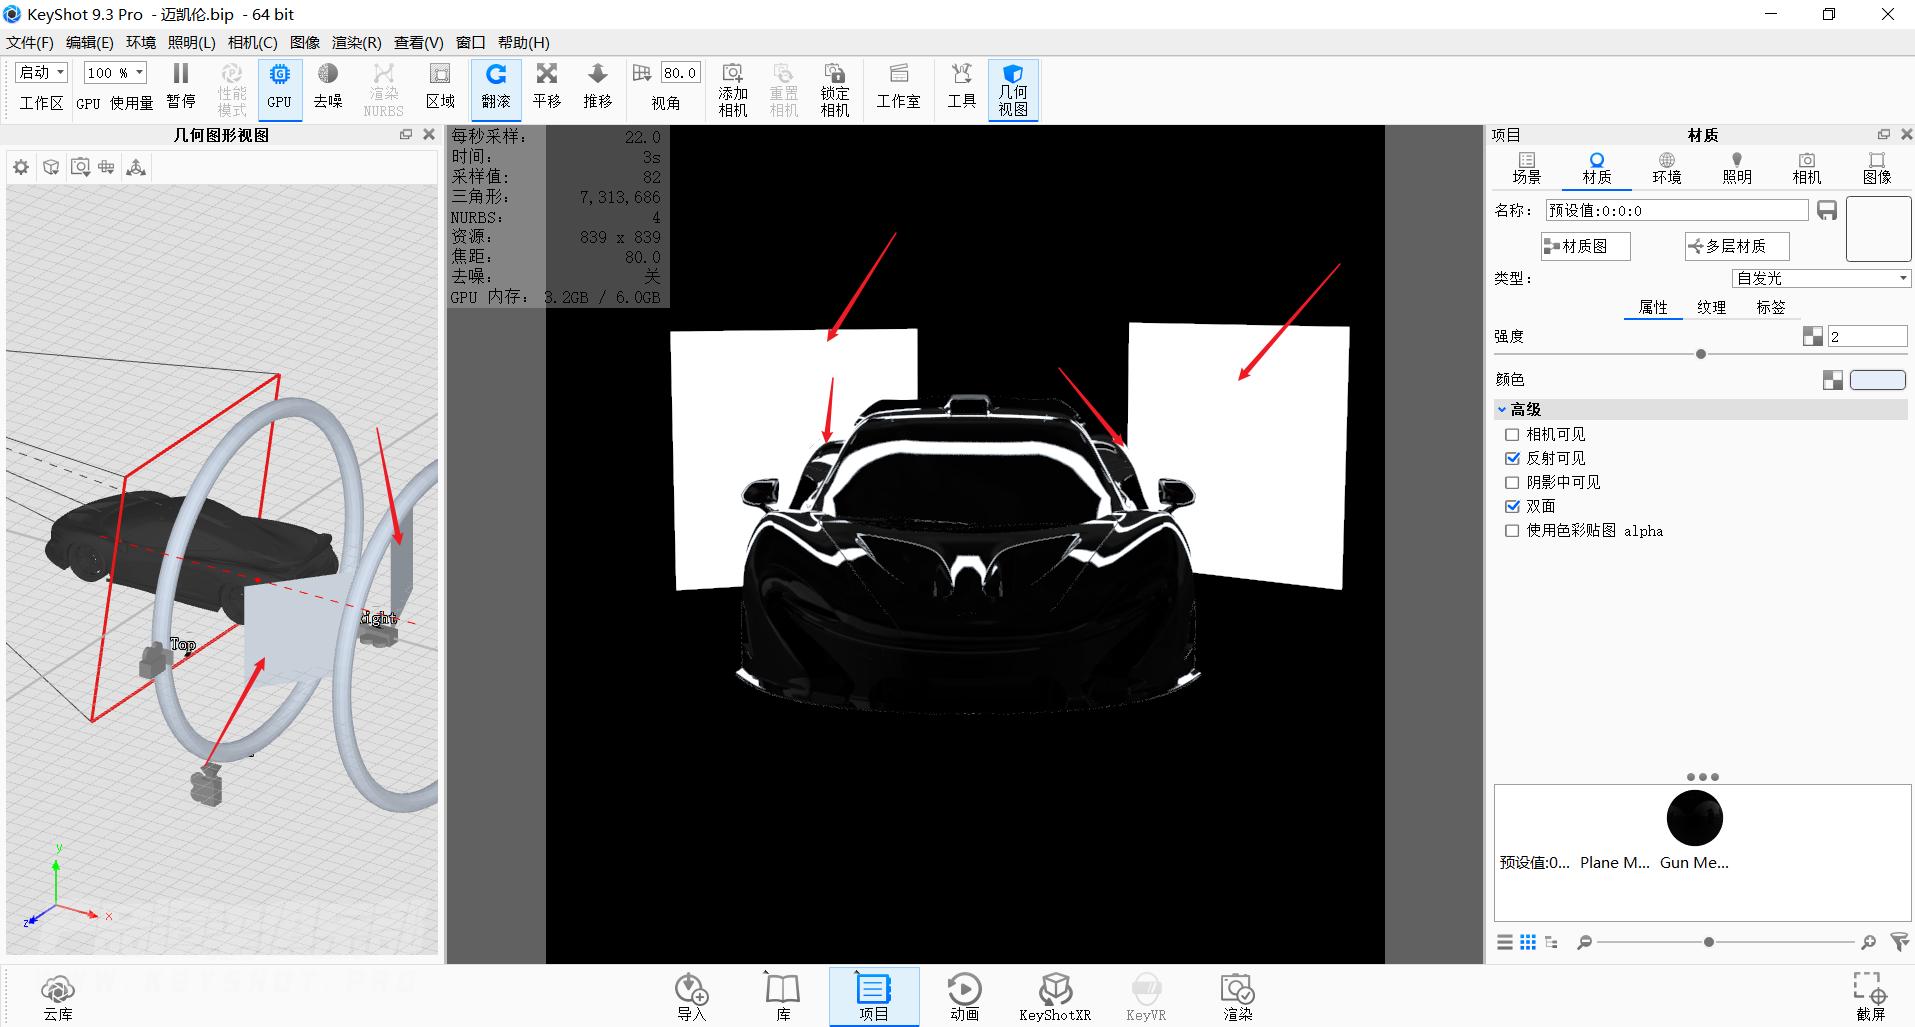 【教程】工业产品设计-Keyshot9.3渲染-迈凯伦扫光动画案例